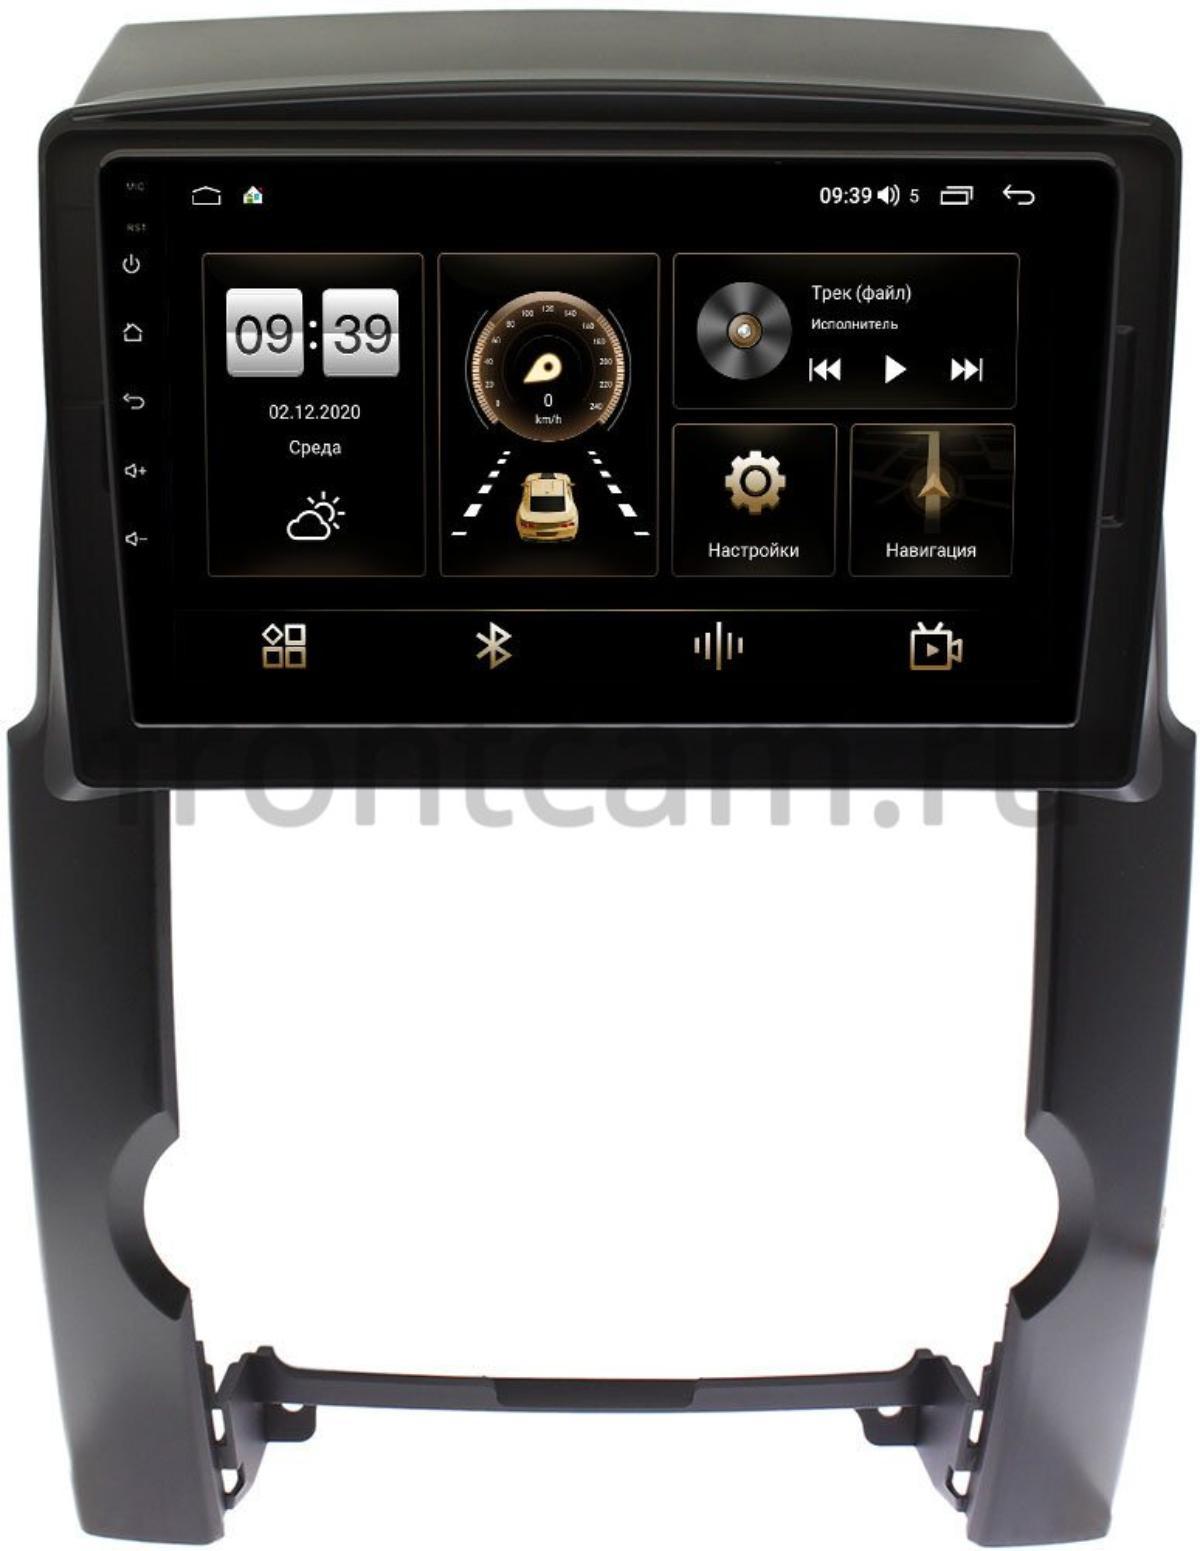 Штатная магнитола Kia Sorento II 2009-2012 (с усилителем) LeTrun 4165-10-1131-1 на Android 10 (4G-SIM, 3/32, DSP, QLed) (+ Камера заднего вида в подарок!)